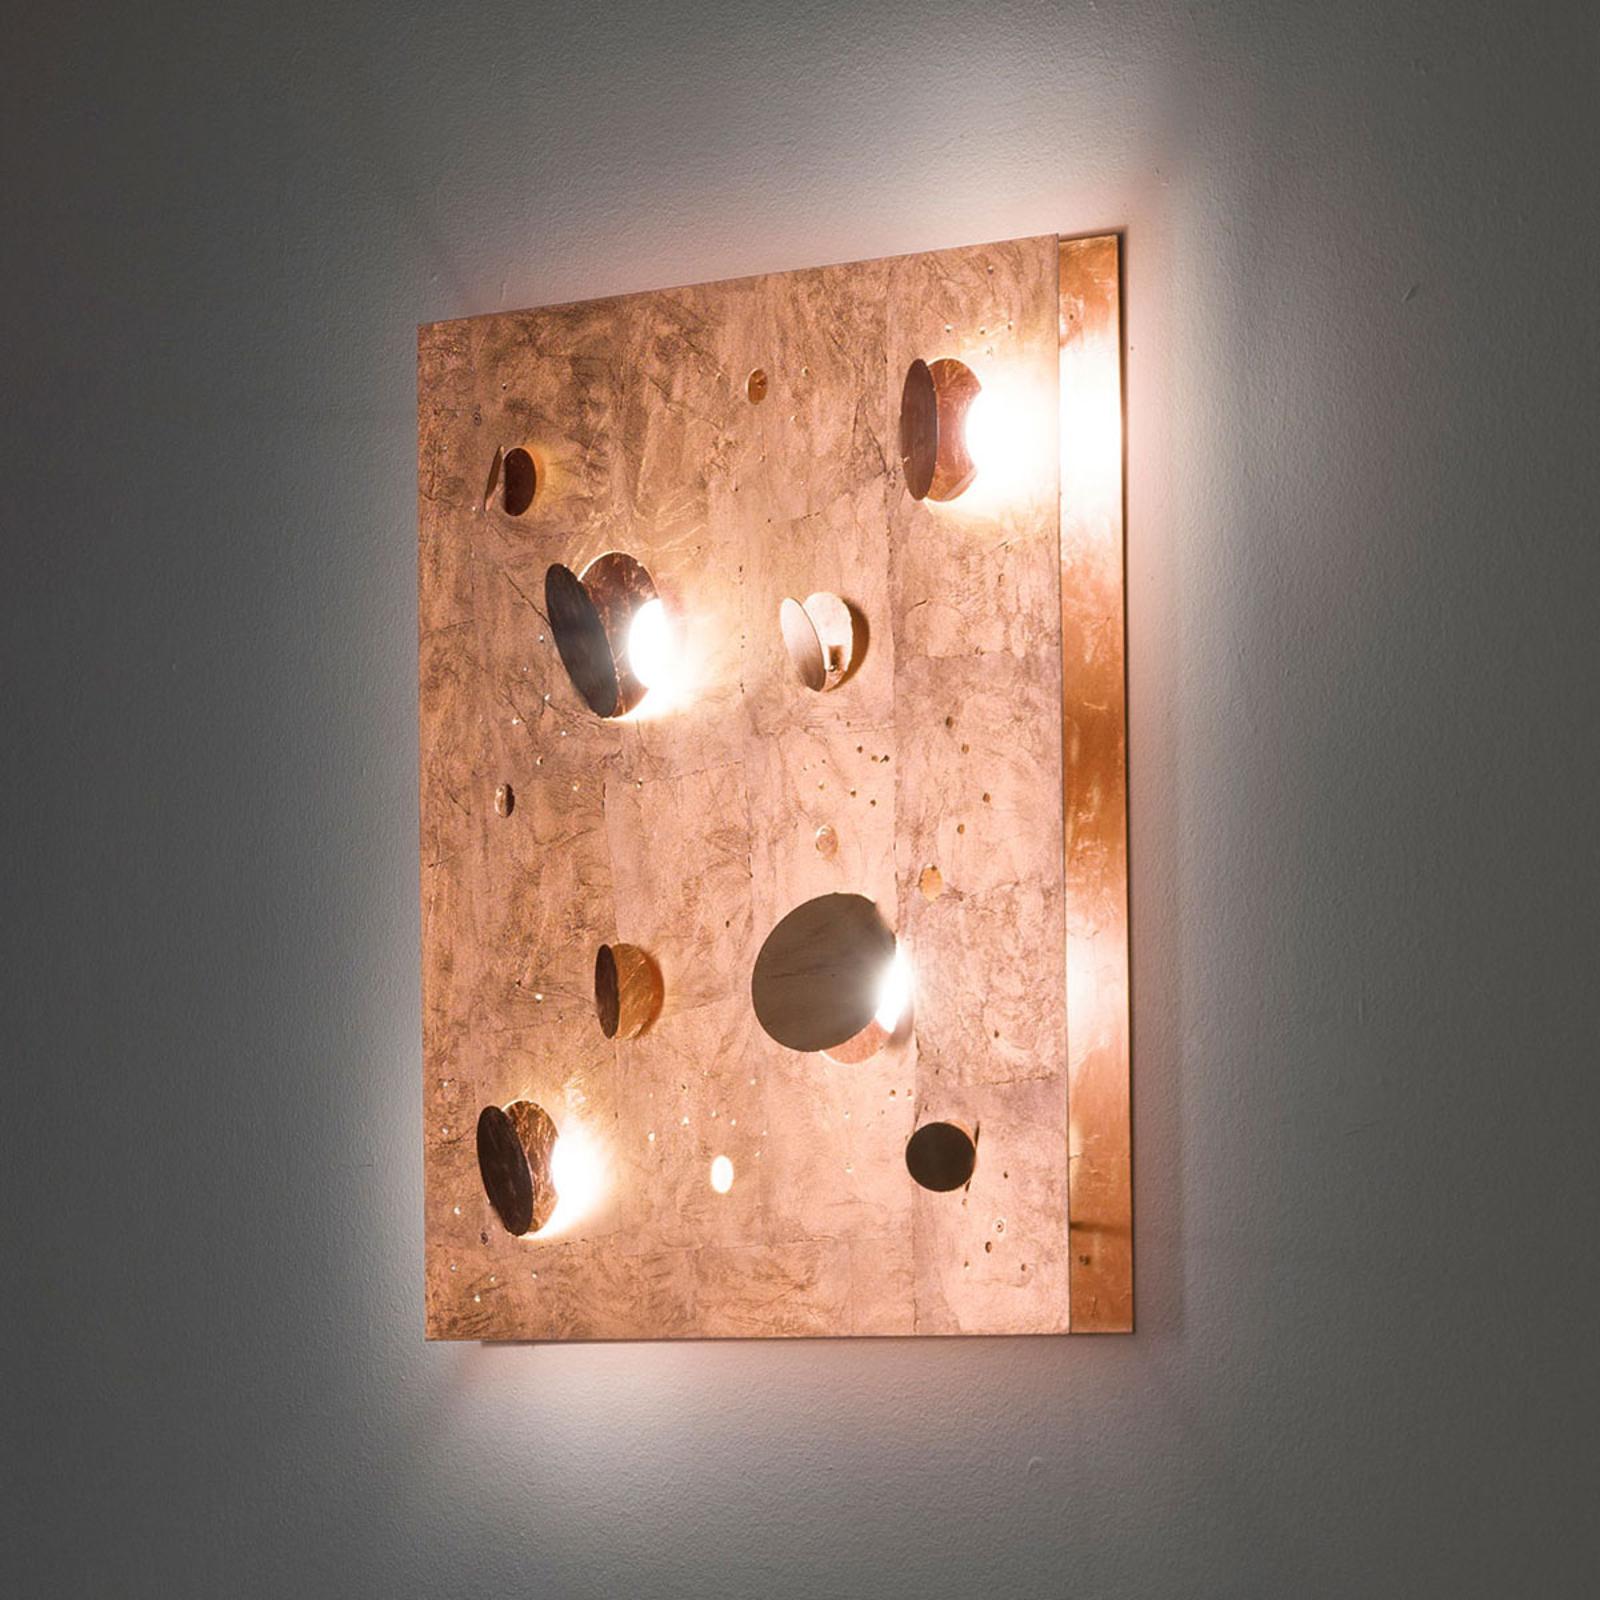 Knikerboker Buchi applique 60x60cm feuille cuivre